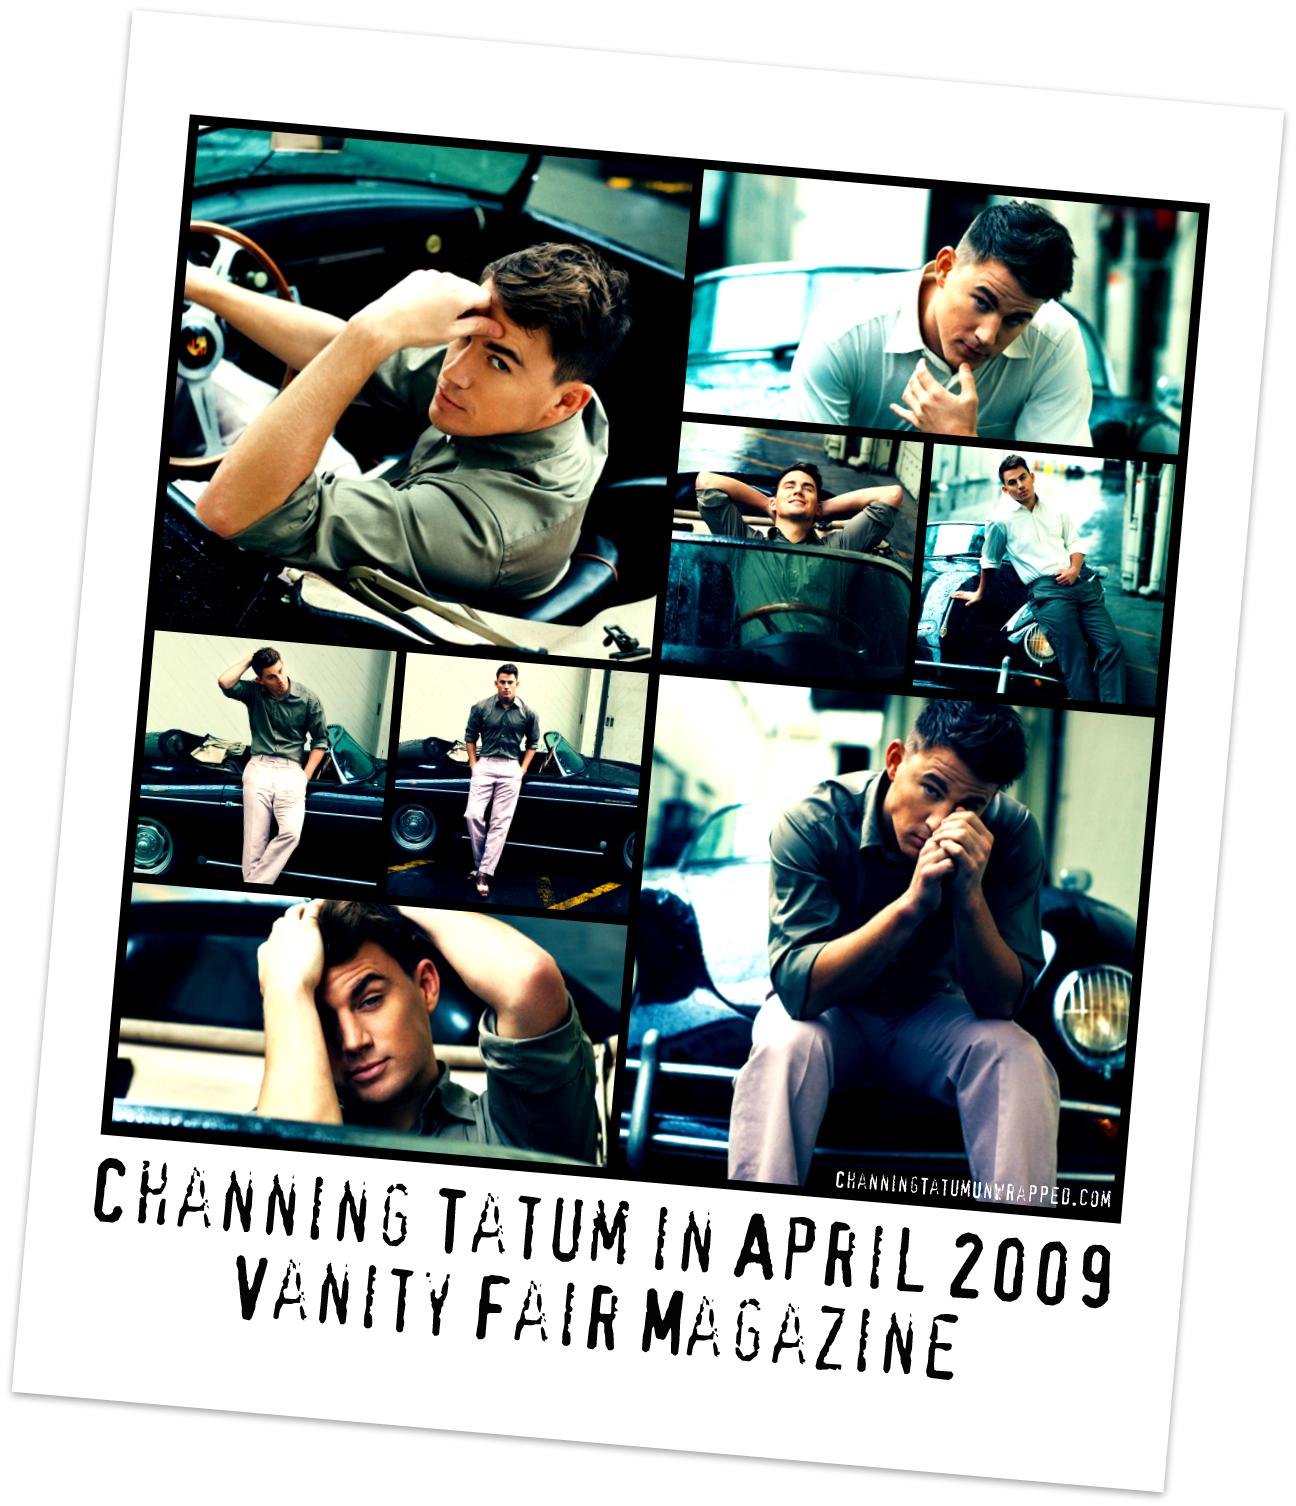 Channing Tatum Featured in April 2009 Vanity Fair